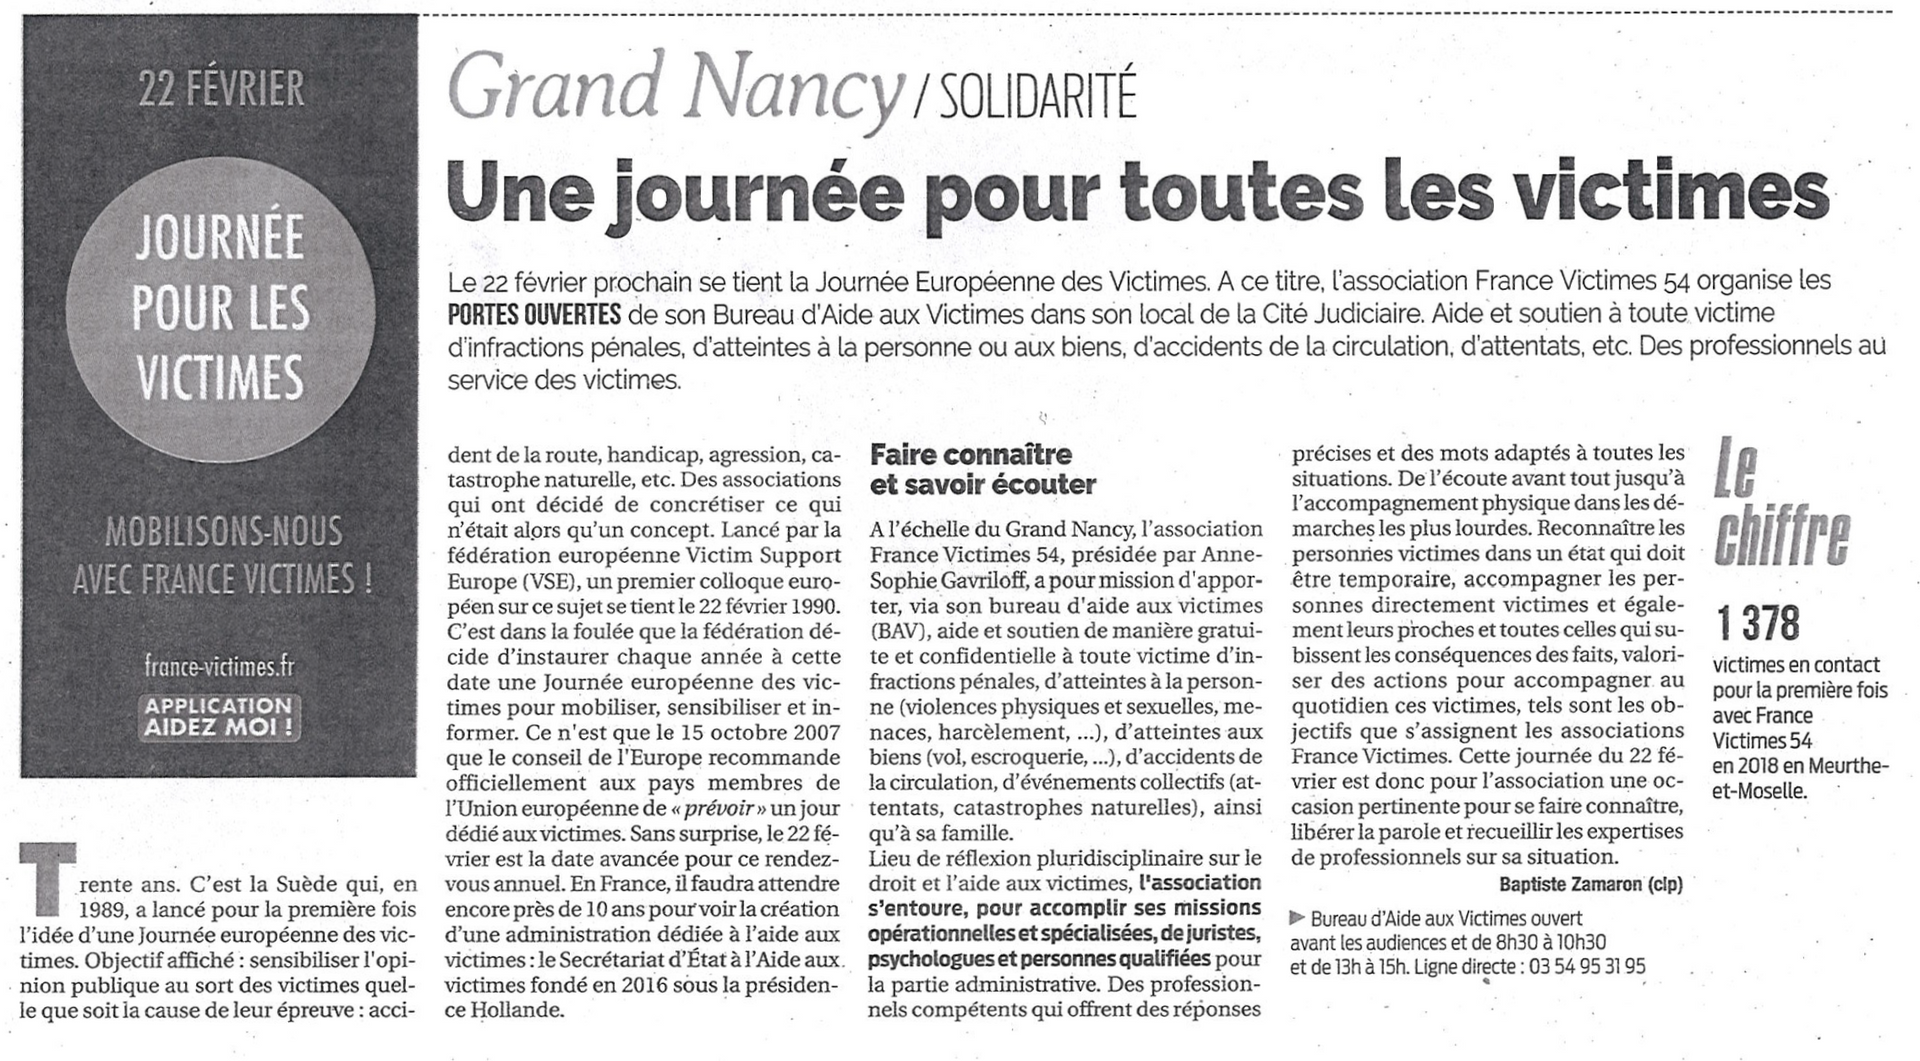 201902 - Article La Semaine